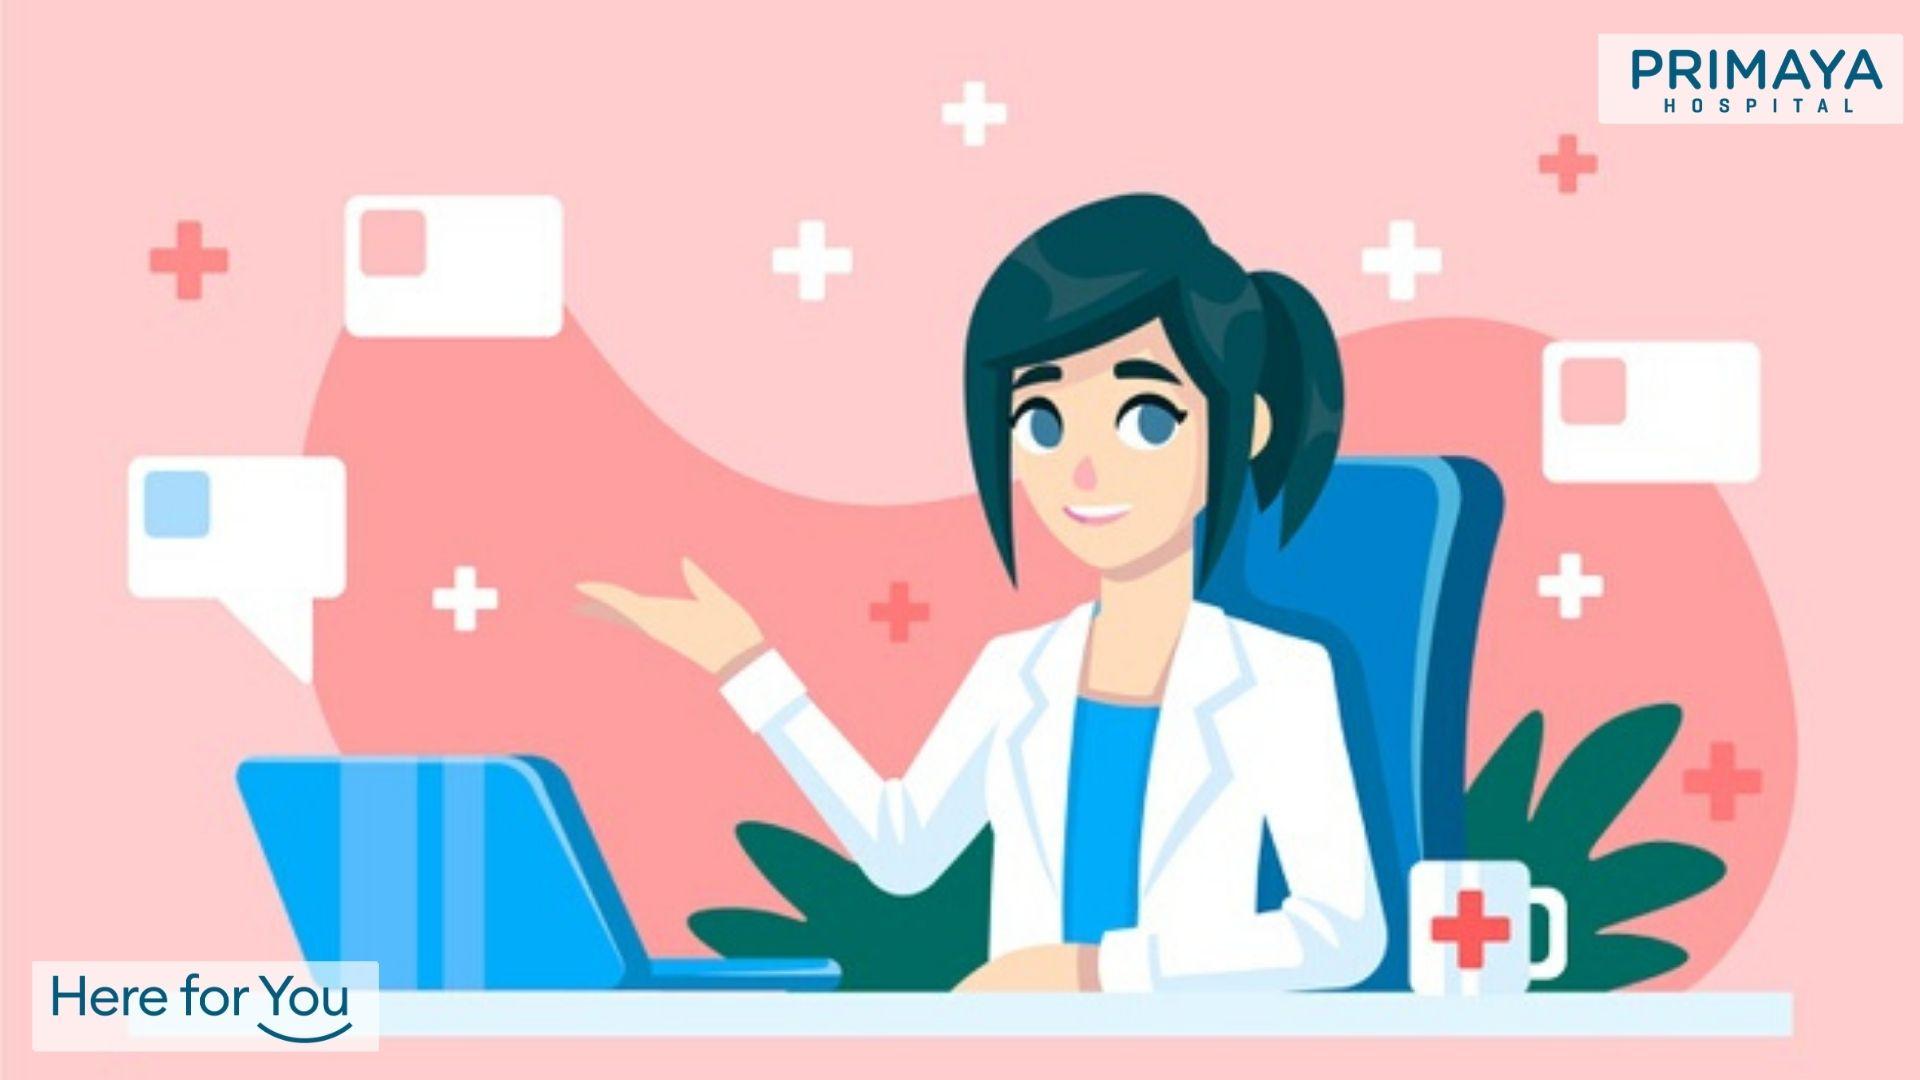 Jenis-jenis Penyakit Apa Saja yang Bisa Dikonsultasikan secara Online